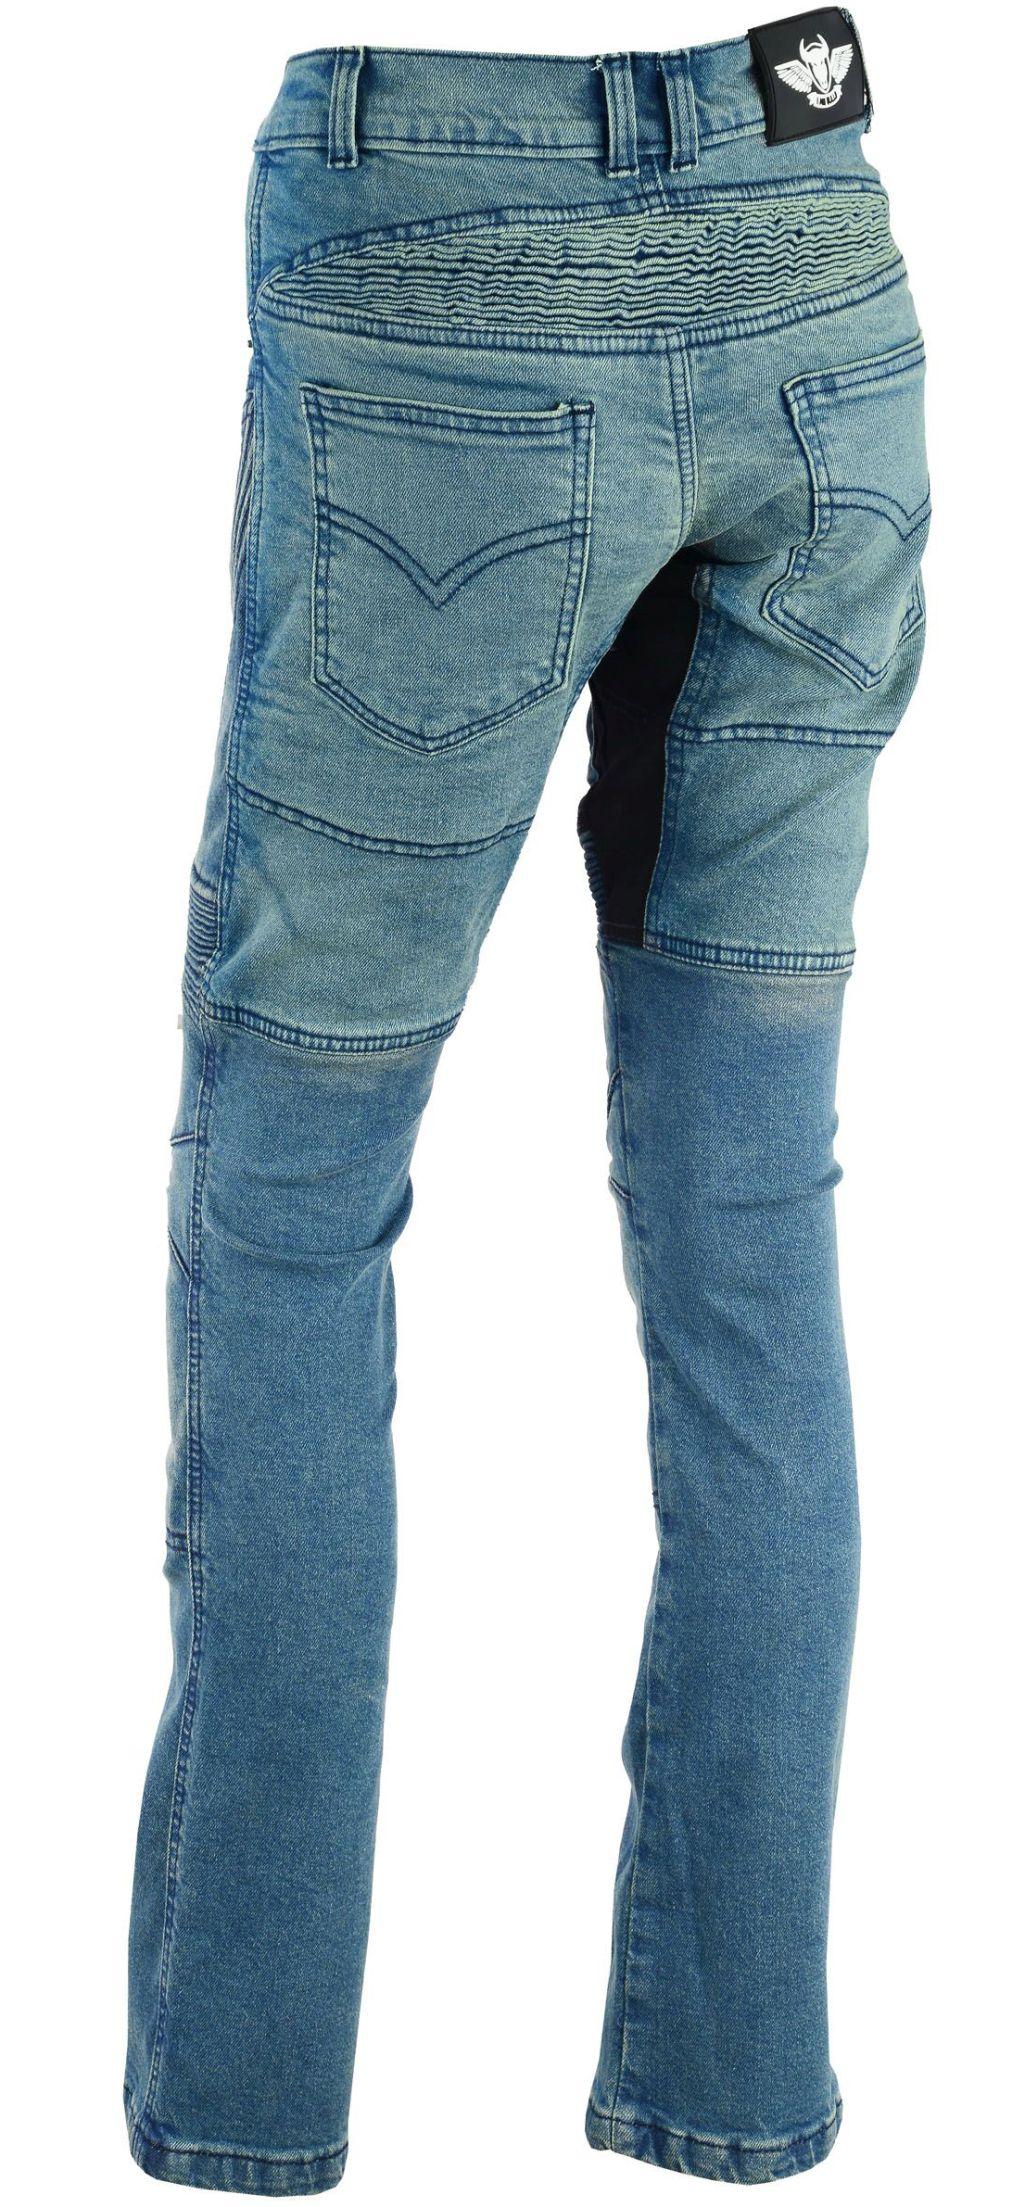 Damen Motorrad Jeans Motorradhose Denim mit Protektoren 28 - 36 inch